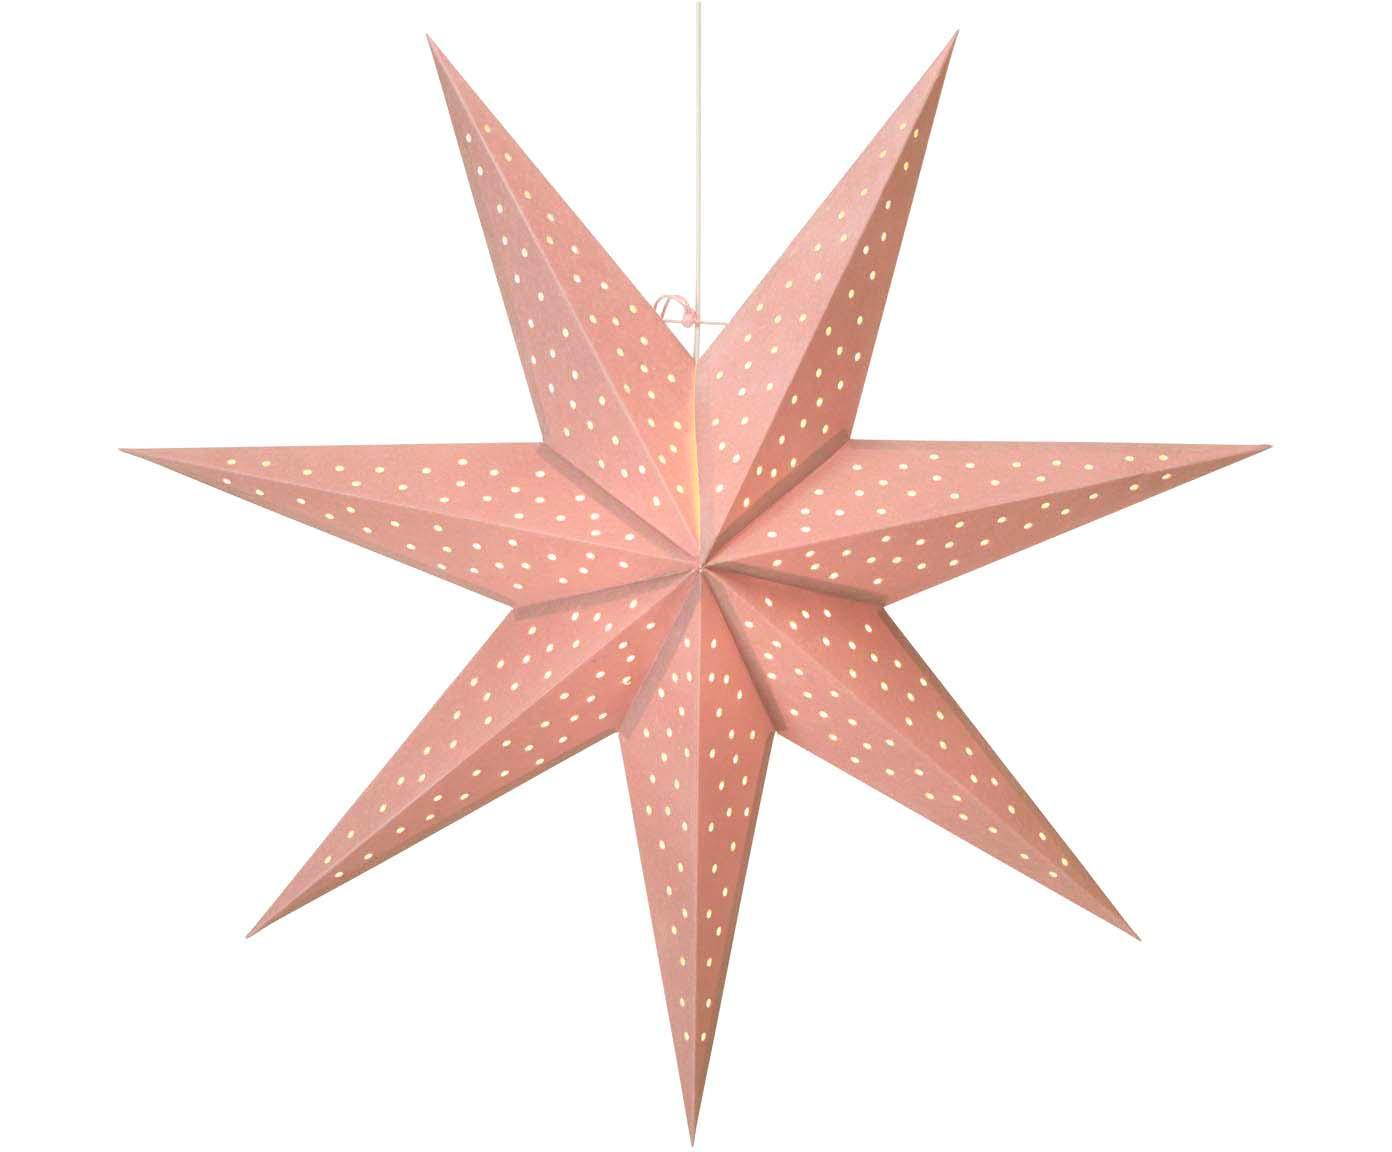 Kerstster Clara, Roze, Ø 75 cm